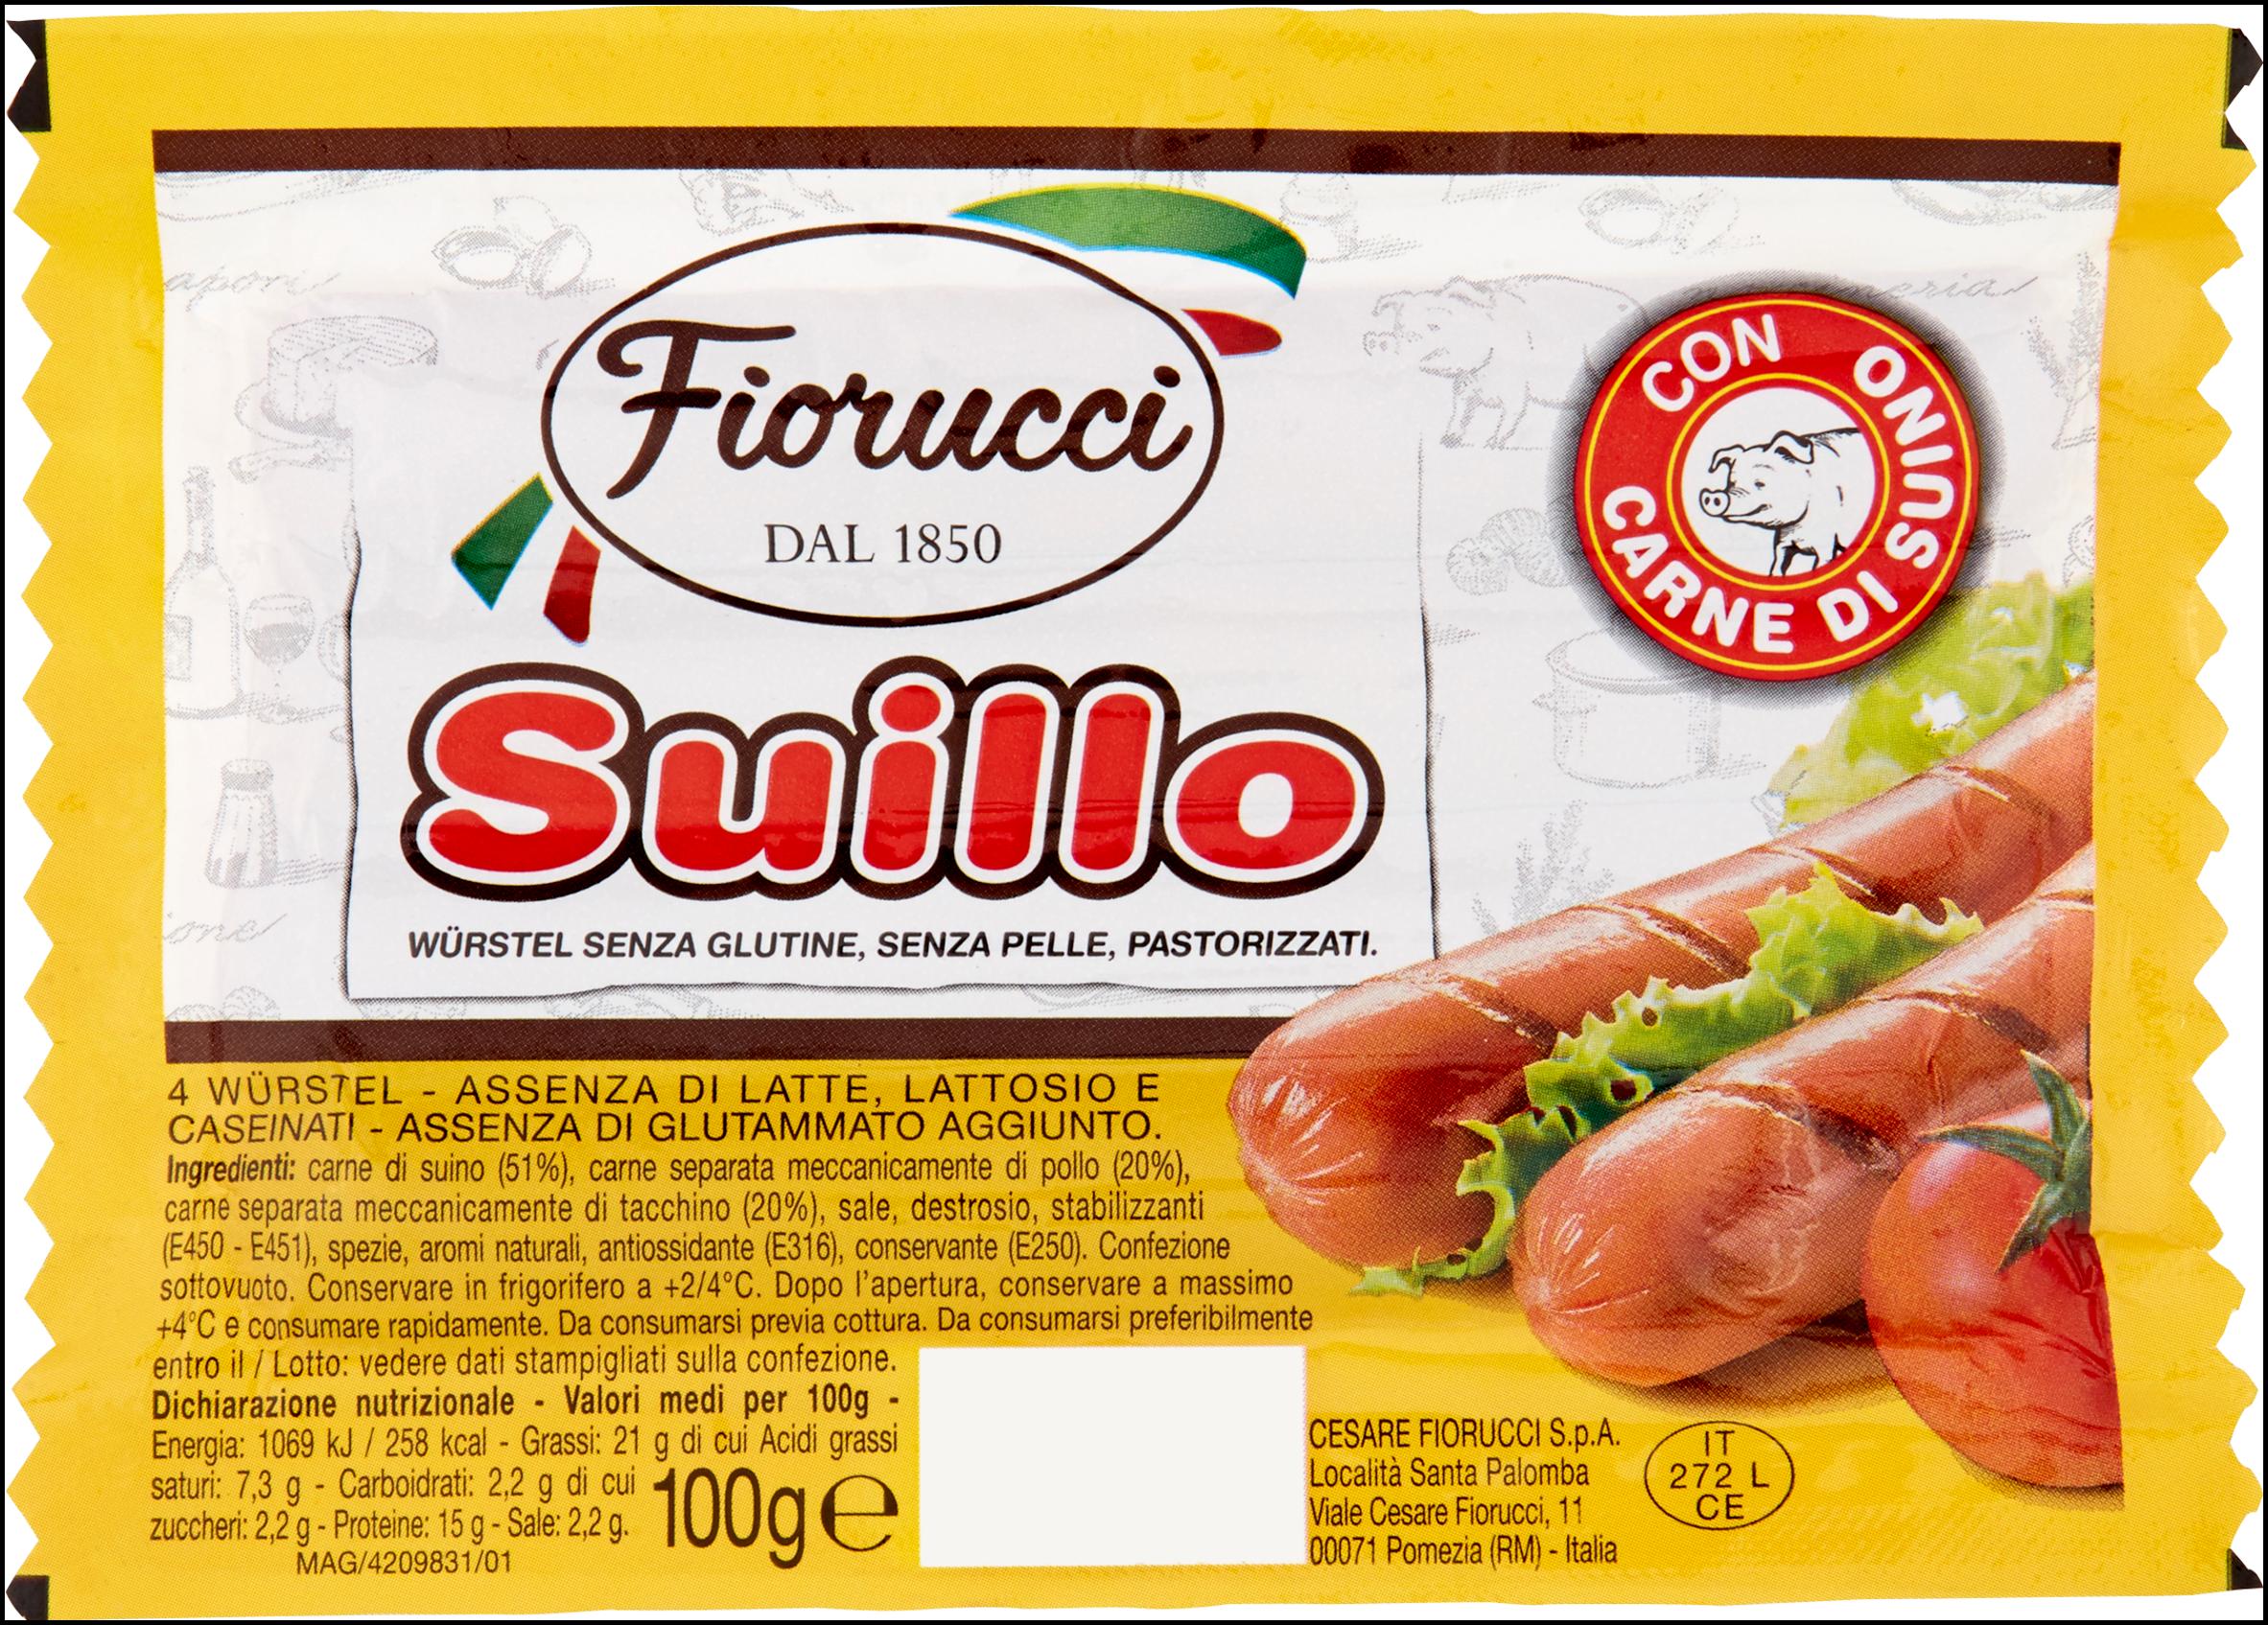 WURSTEL SUILLO FIORUCCI 100G